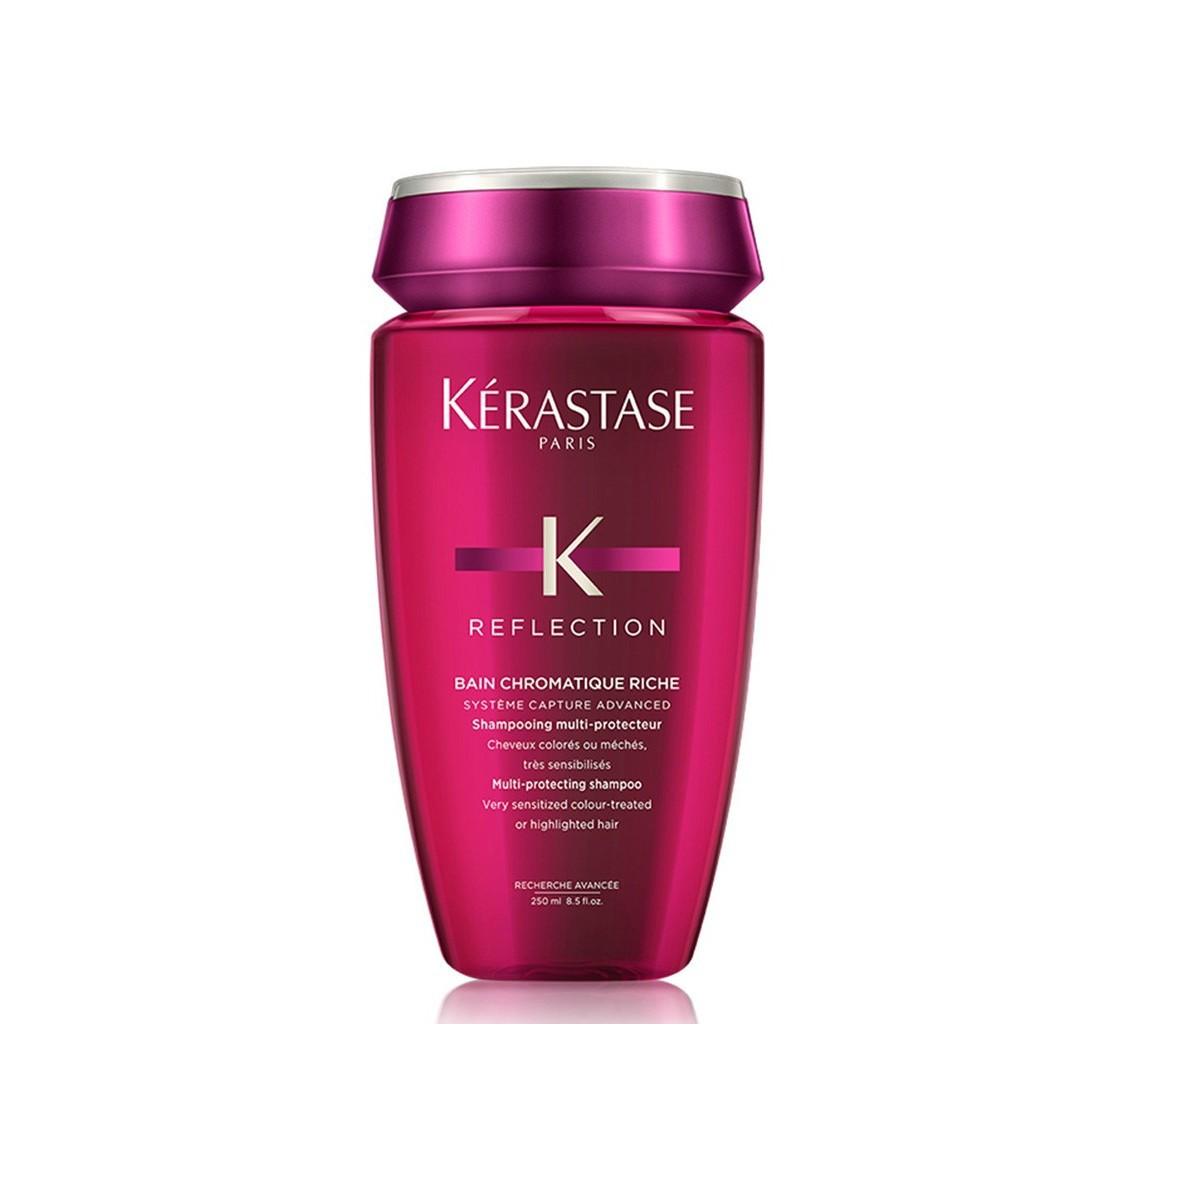 Kérastase Réflection Bain Chroma Riche - Shampoo 250ml - CA